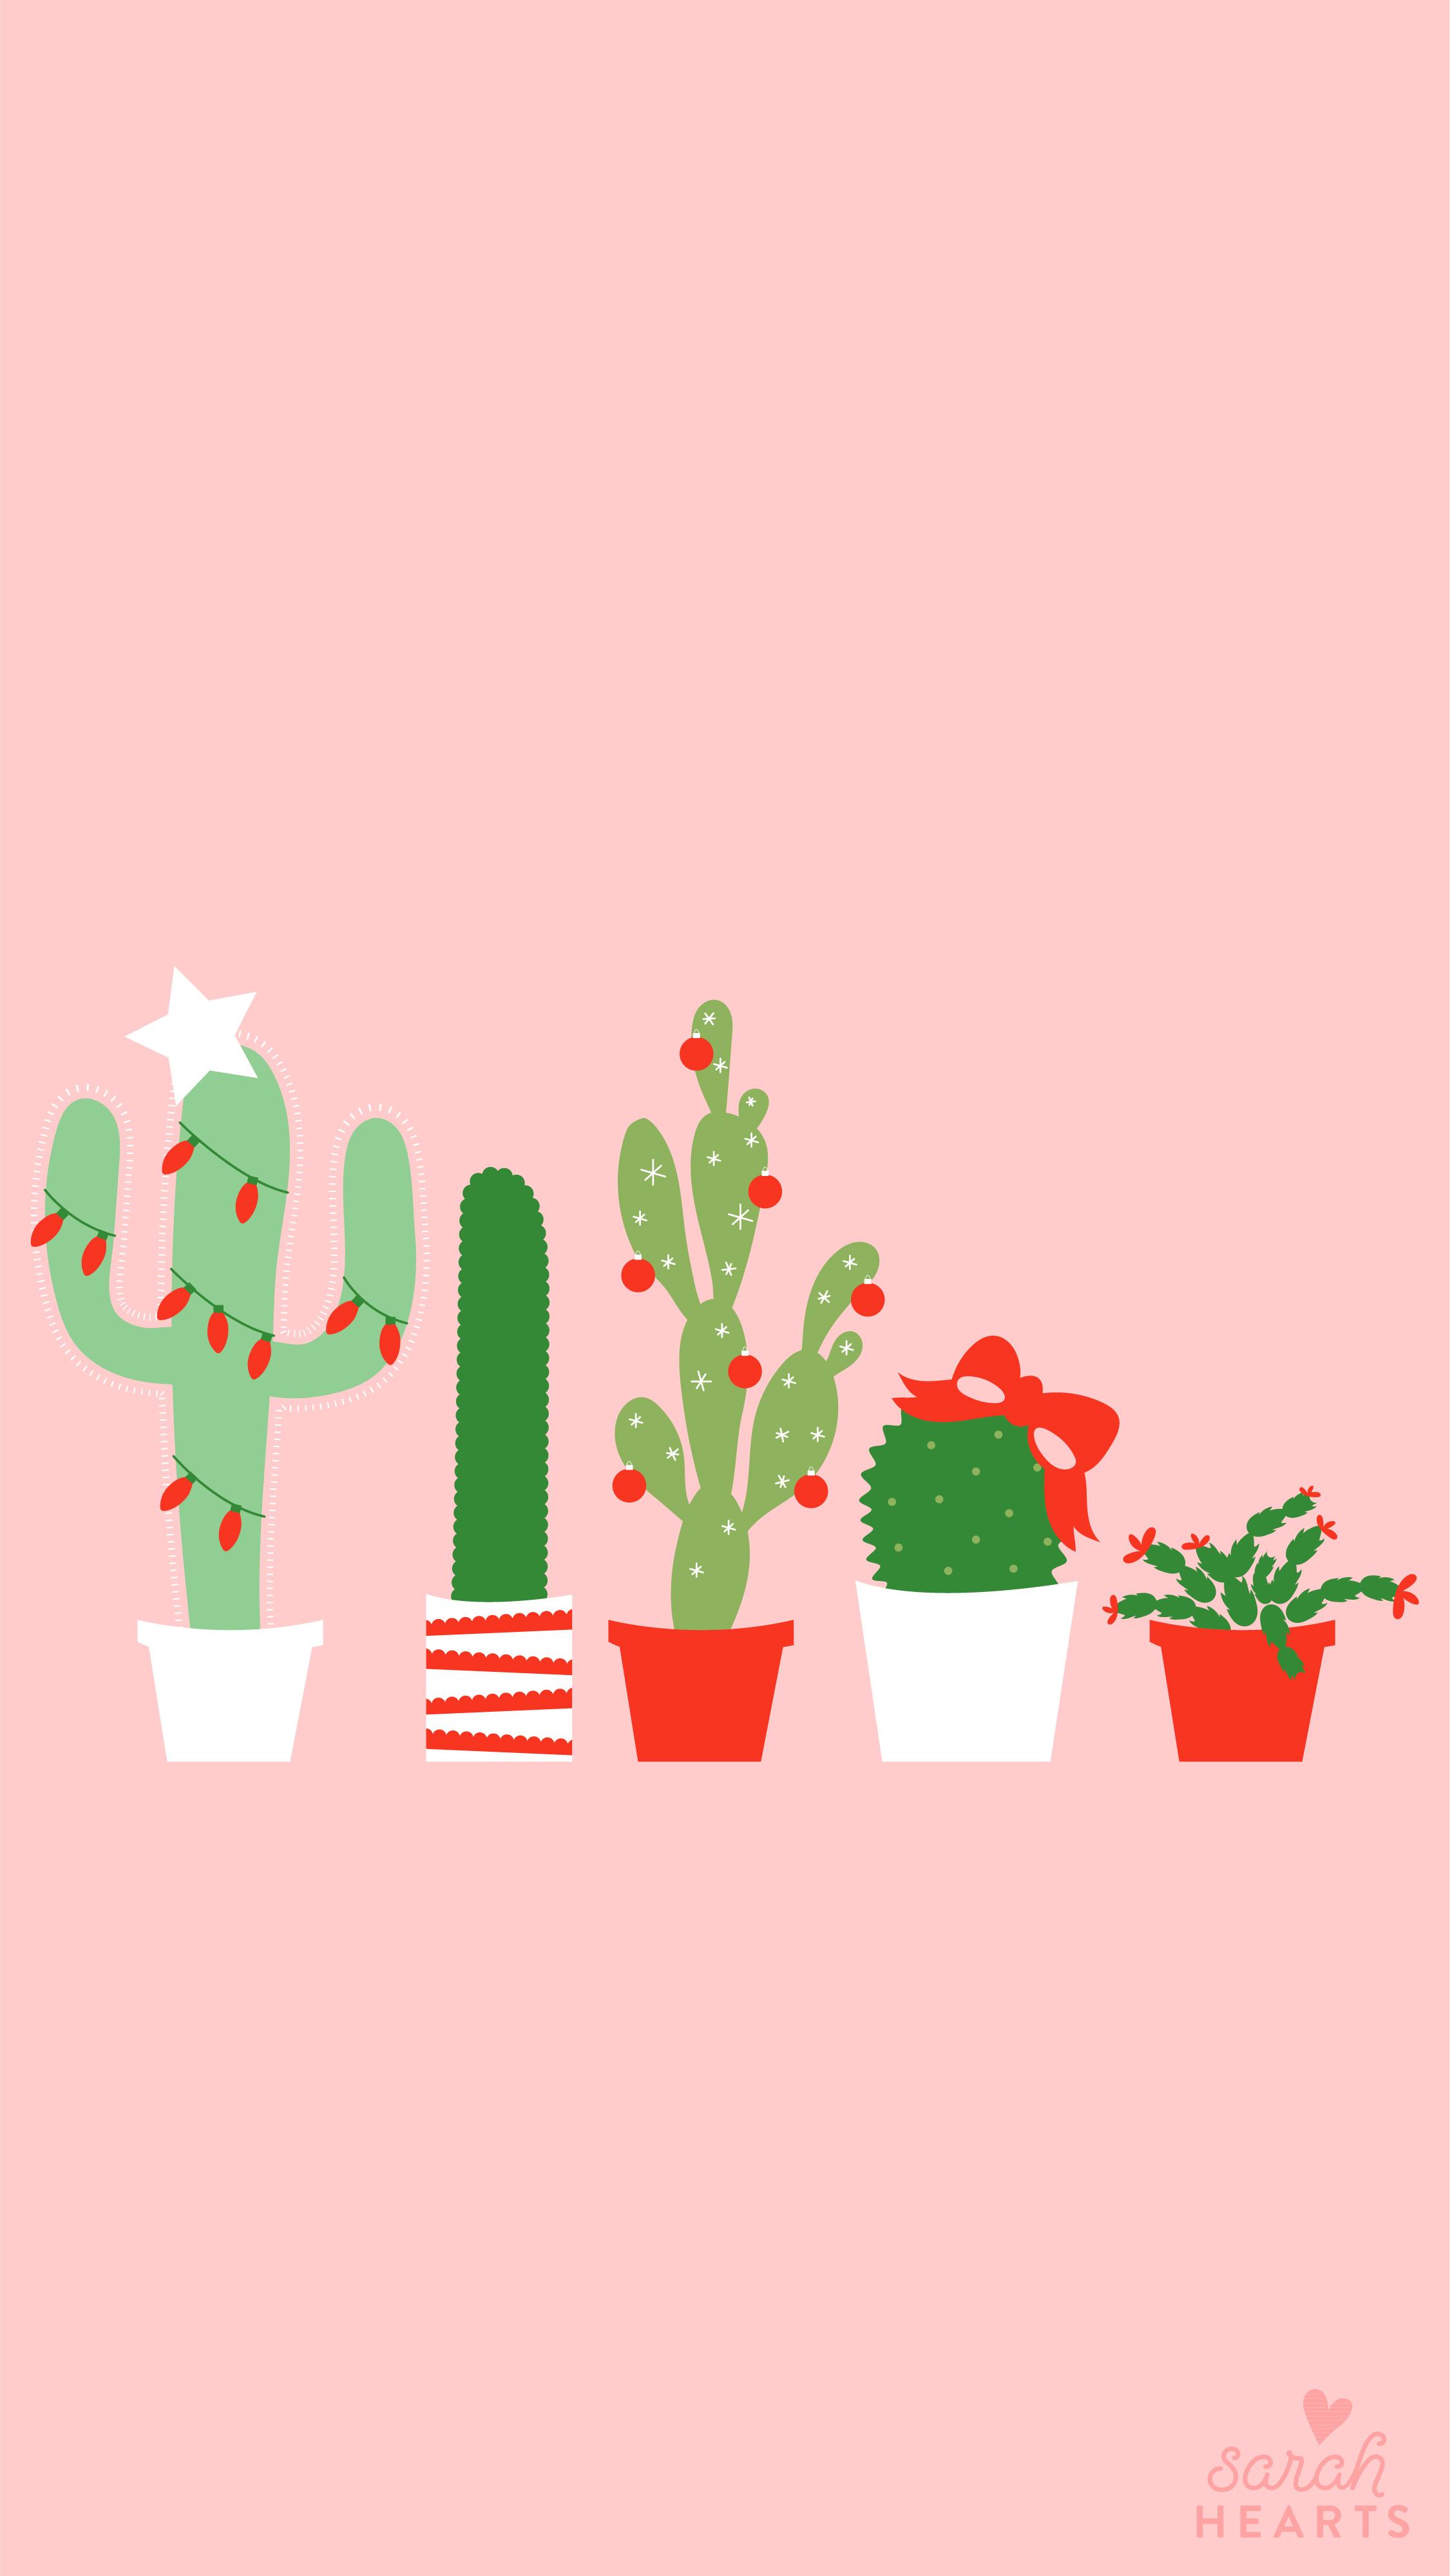 Wallpaper Hd For Desktop Full Screen Cute Baby December 2017 Christmas Cactus Calendar Wallpaper Sarah